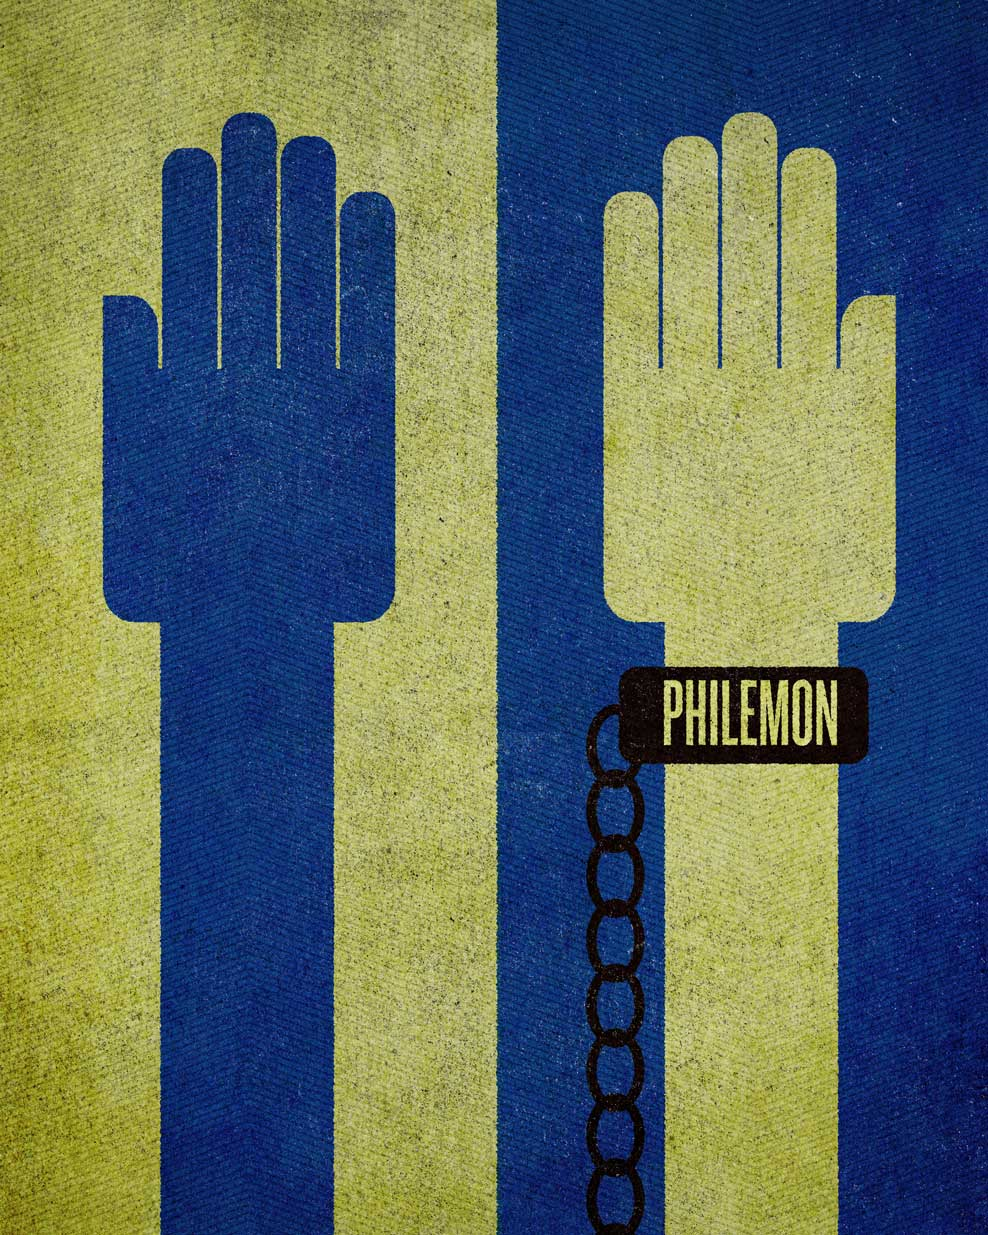 56-Philemon_988.jpg